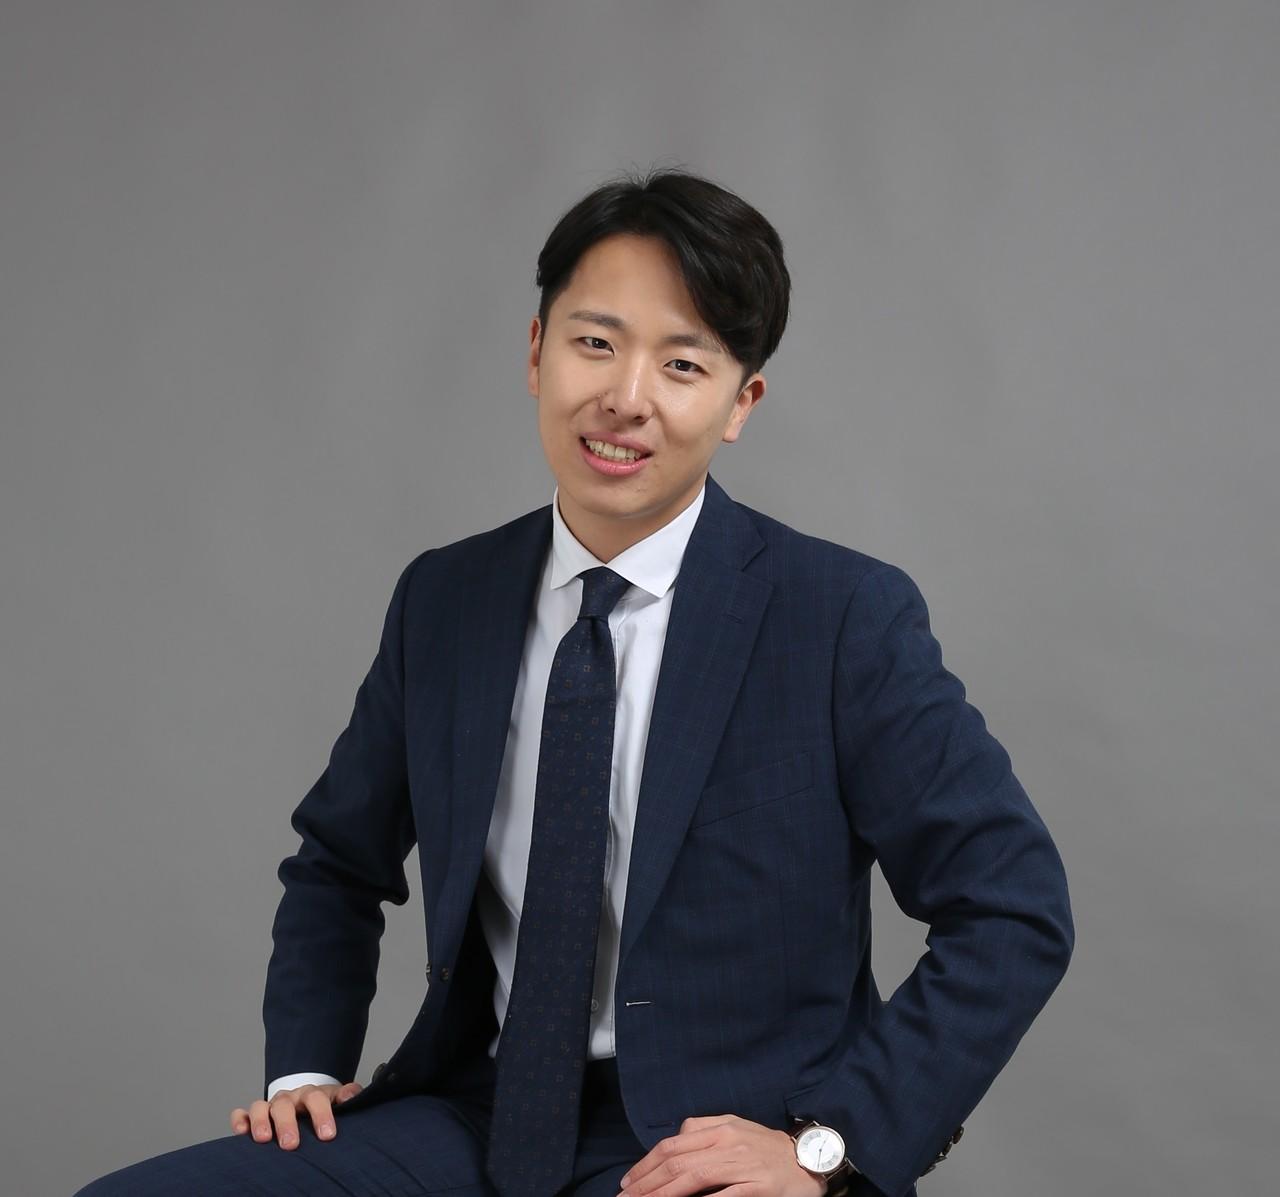 해외 소싱 및 통관 실무 스페셜리스트<br>김기태 강사